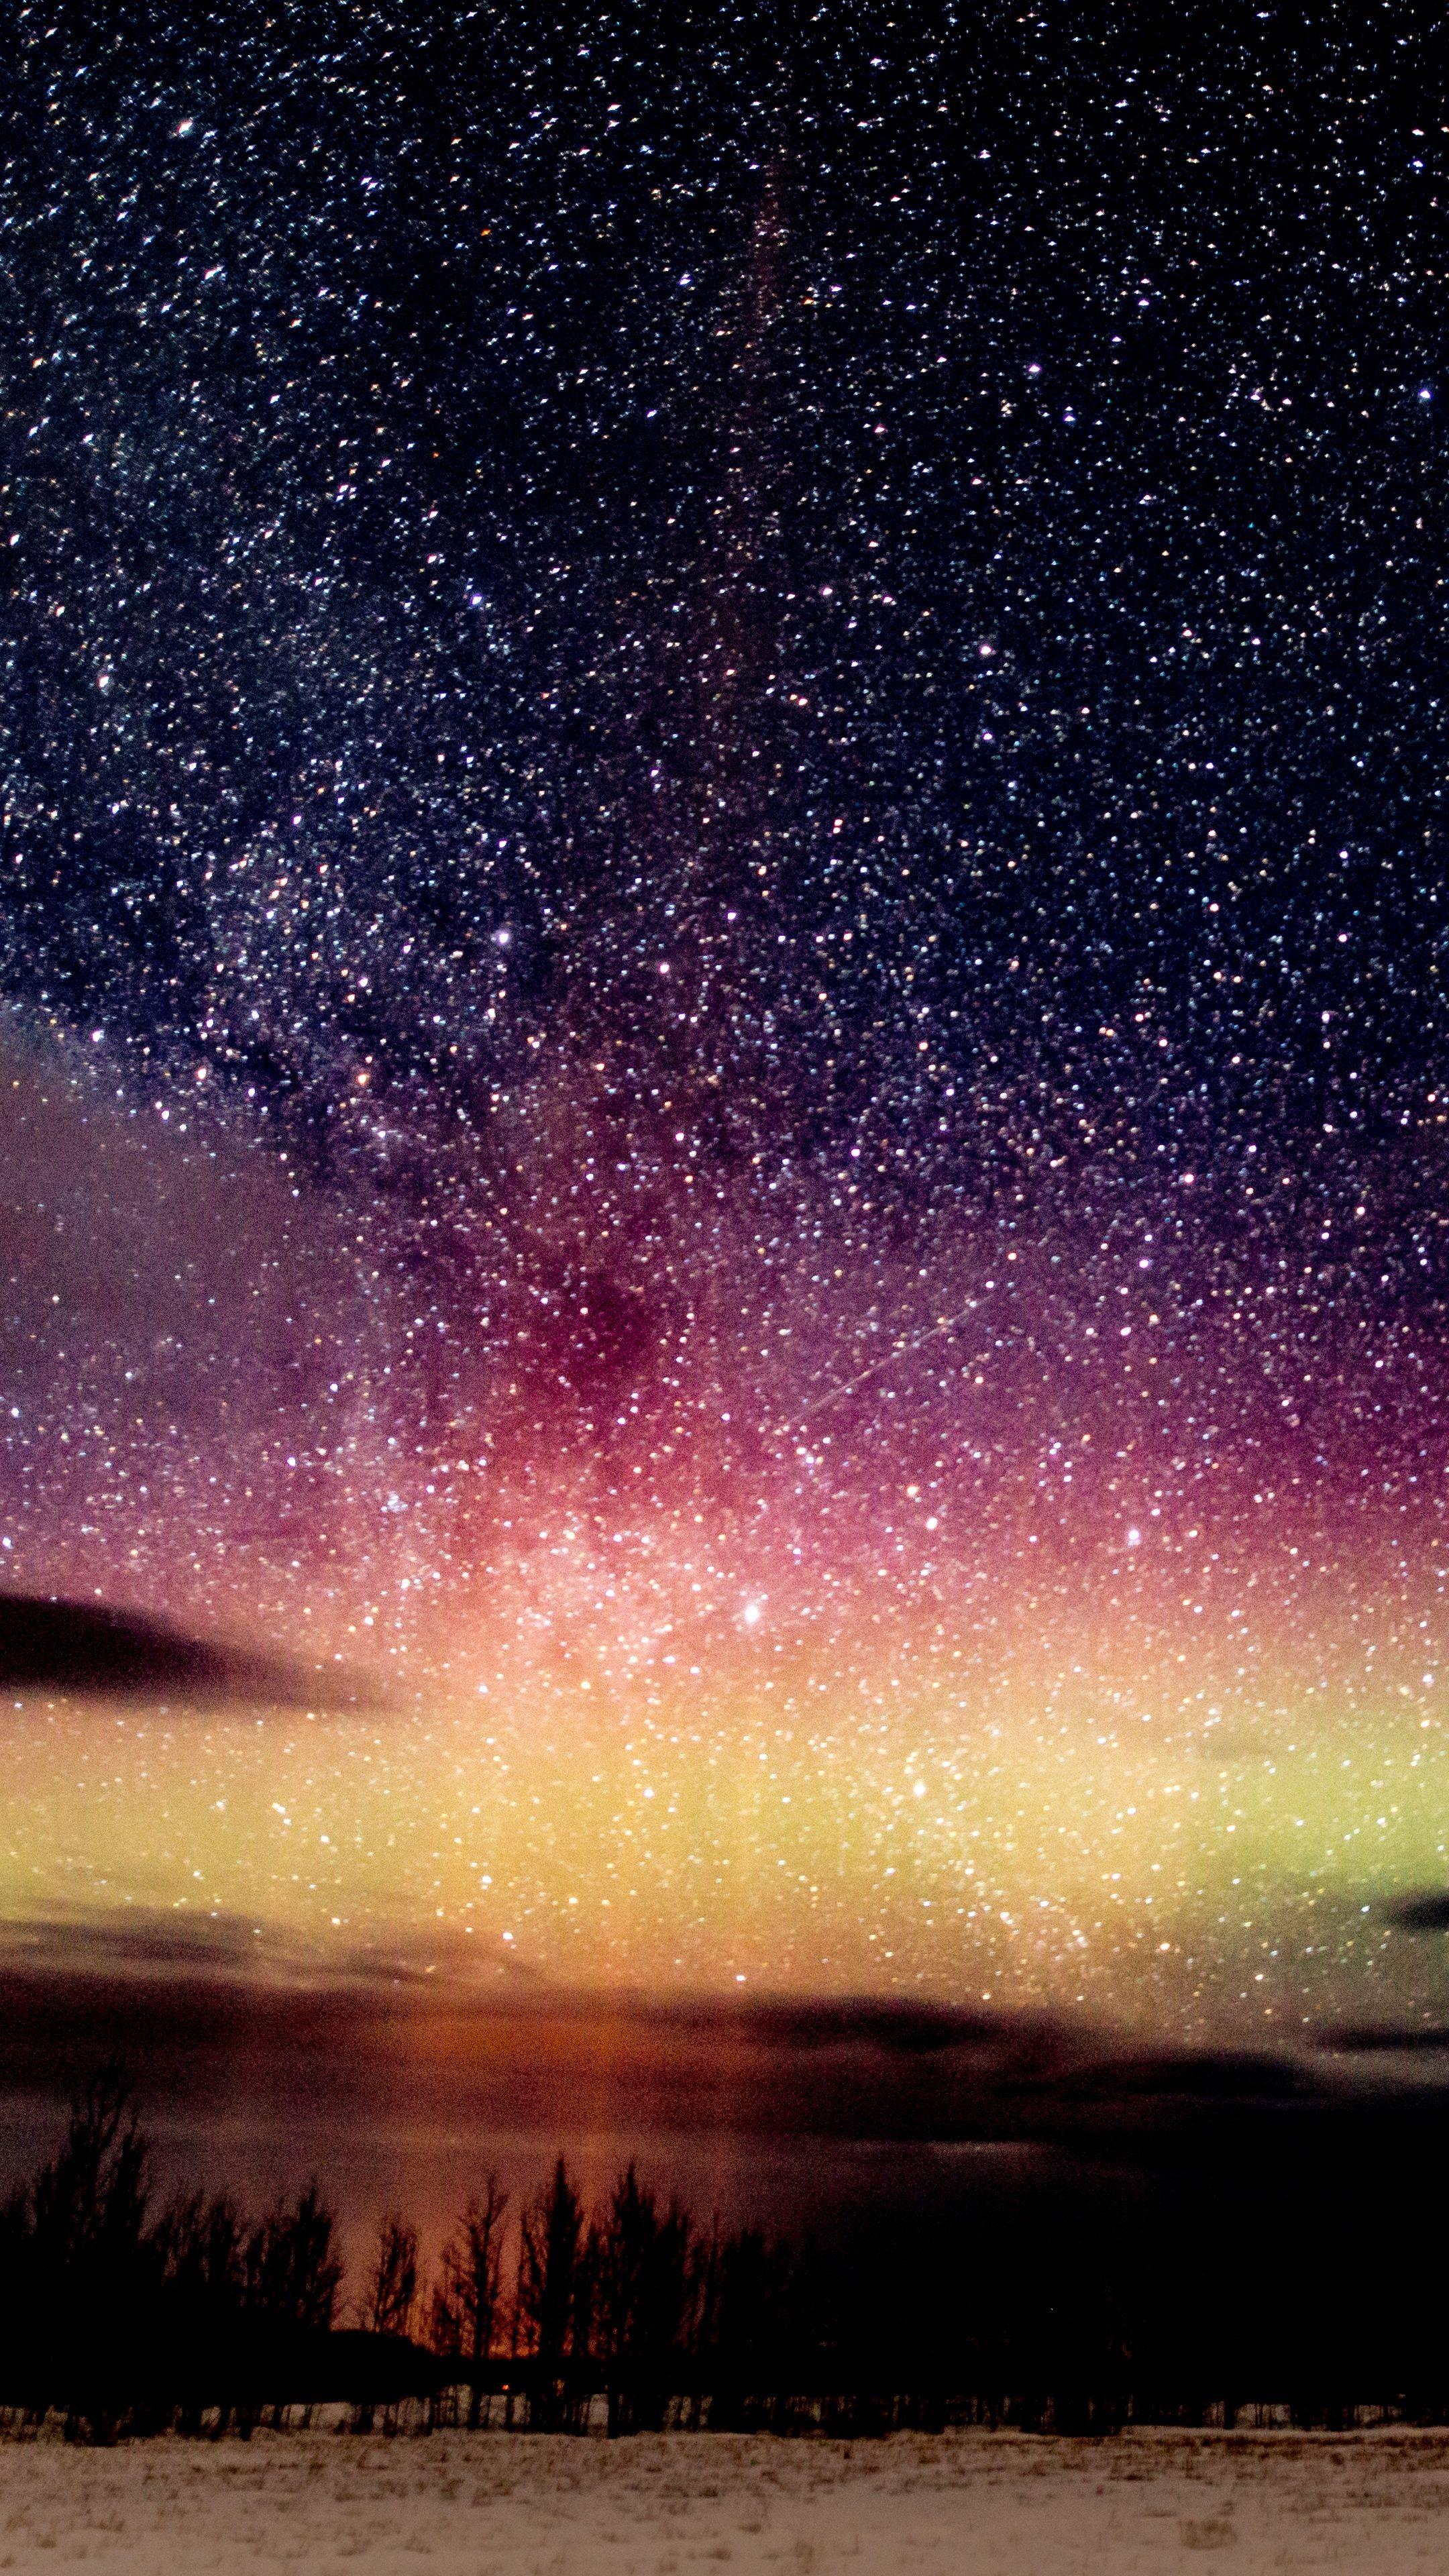 2160x3840 Wallpaper Starry Sky Night Stars Glitter Starry Night Wallpaper Starry Night Sky Sky Pictures